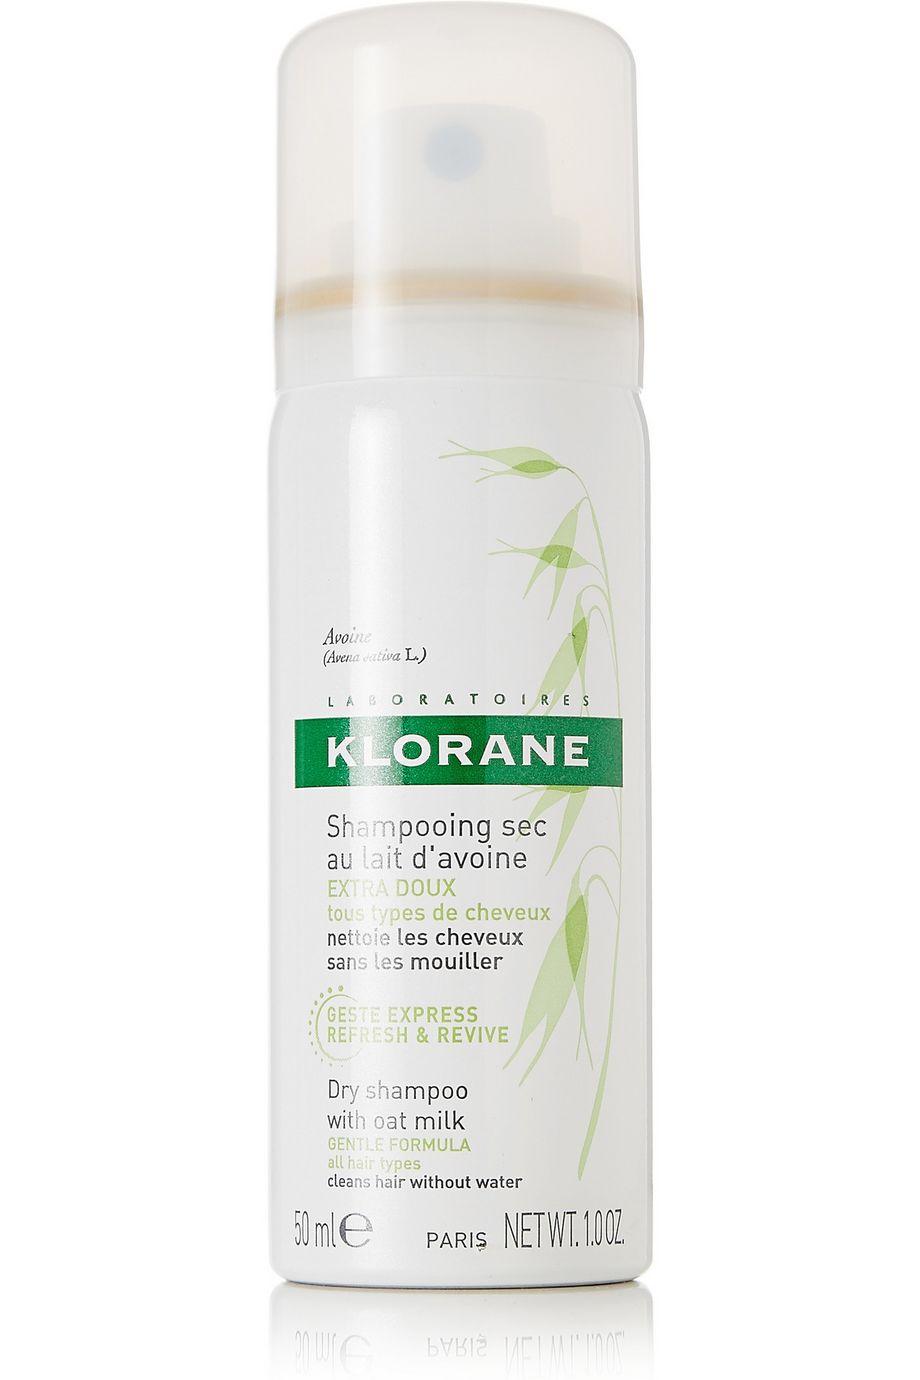 Klorane Dry Shampoo with Oat Milk, 50ml